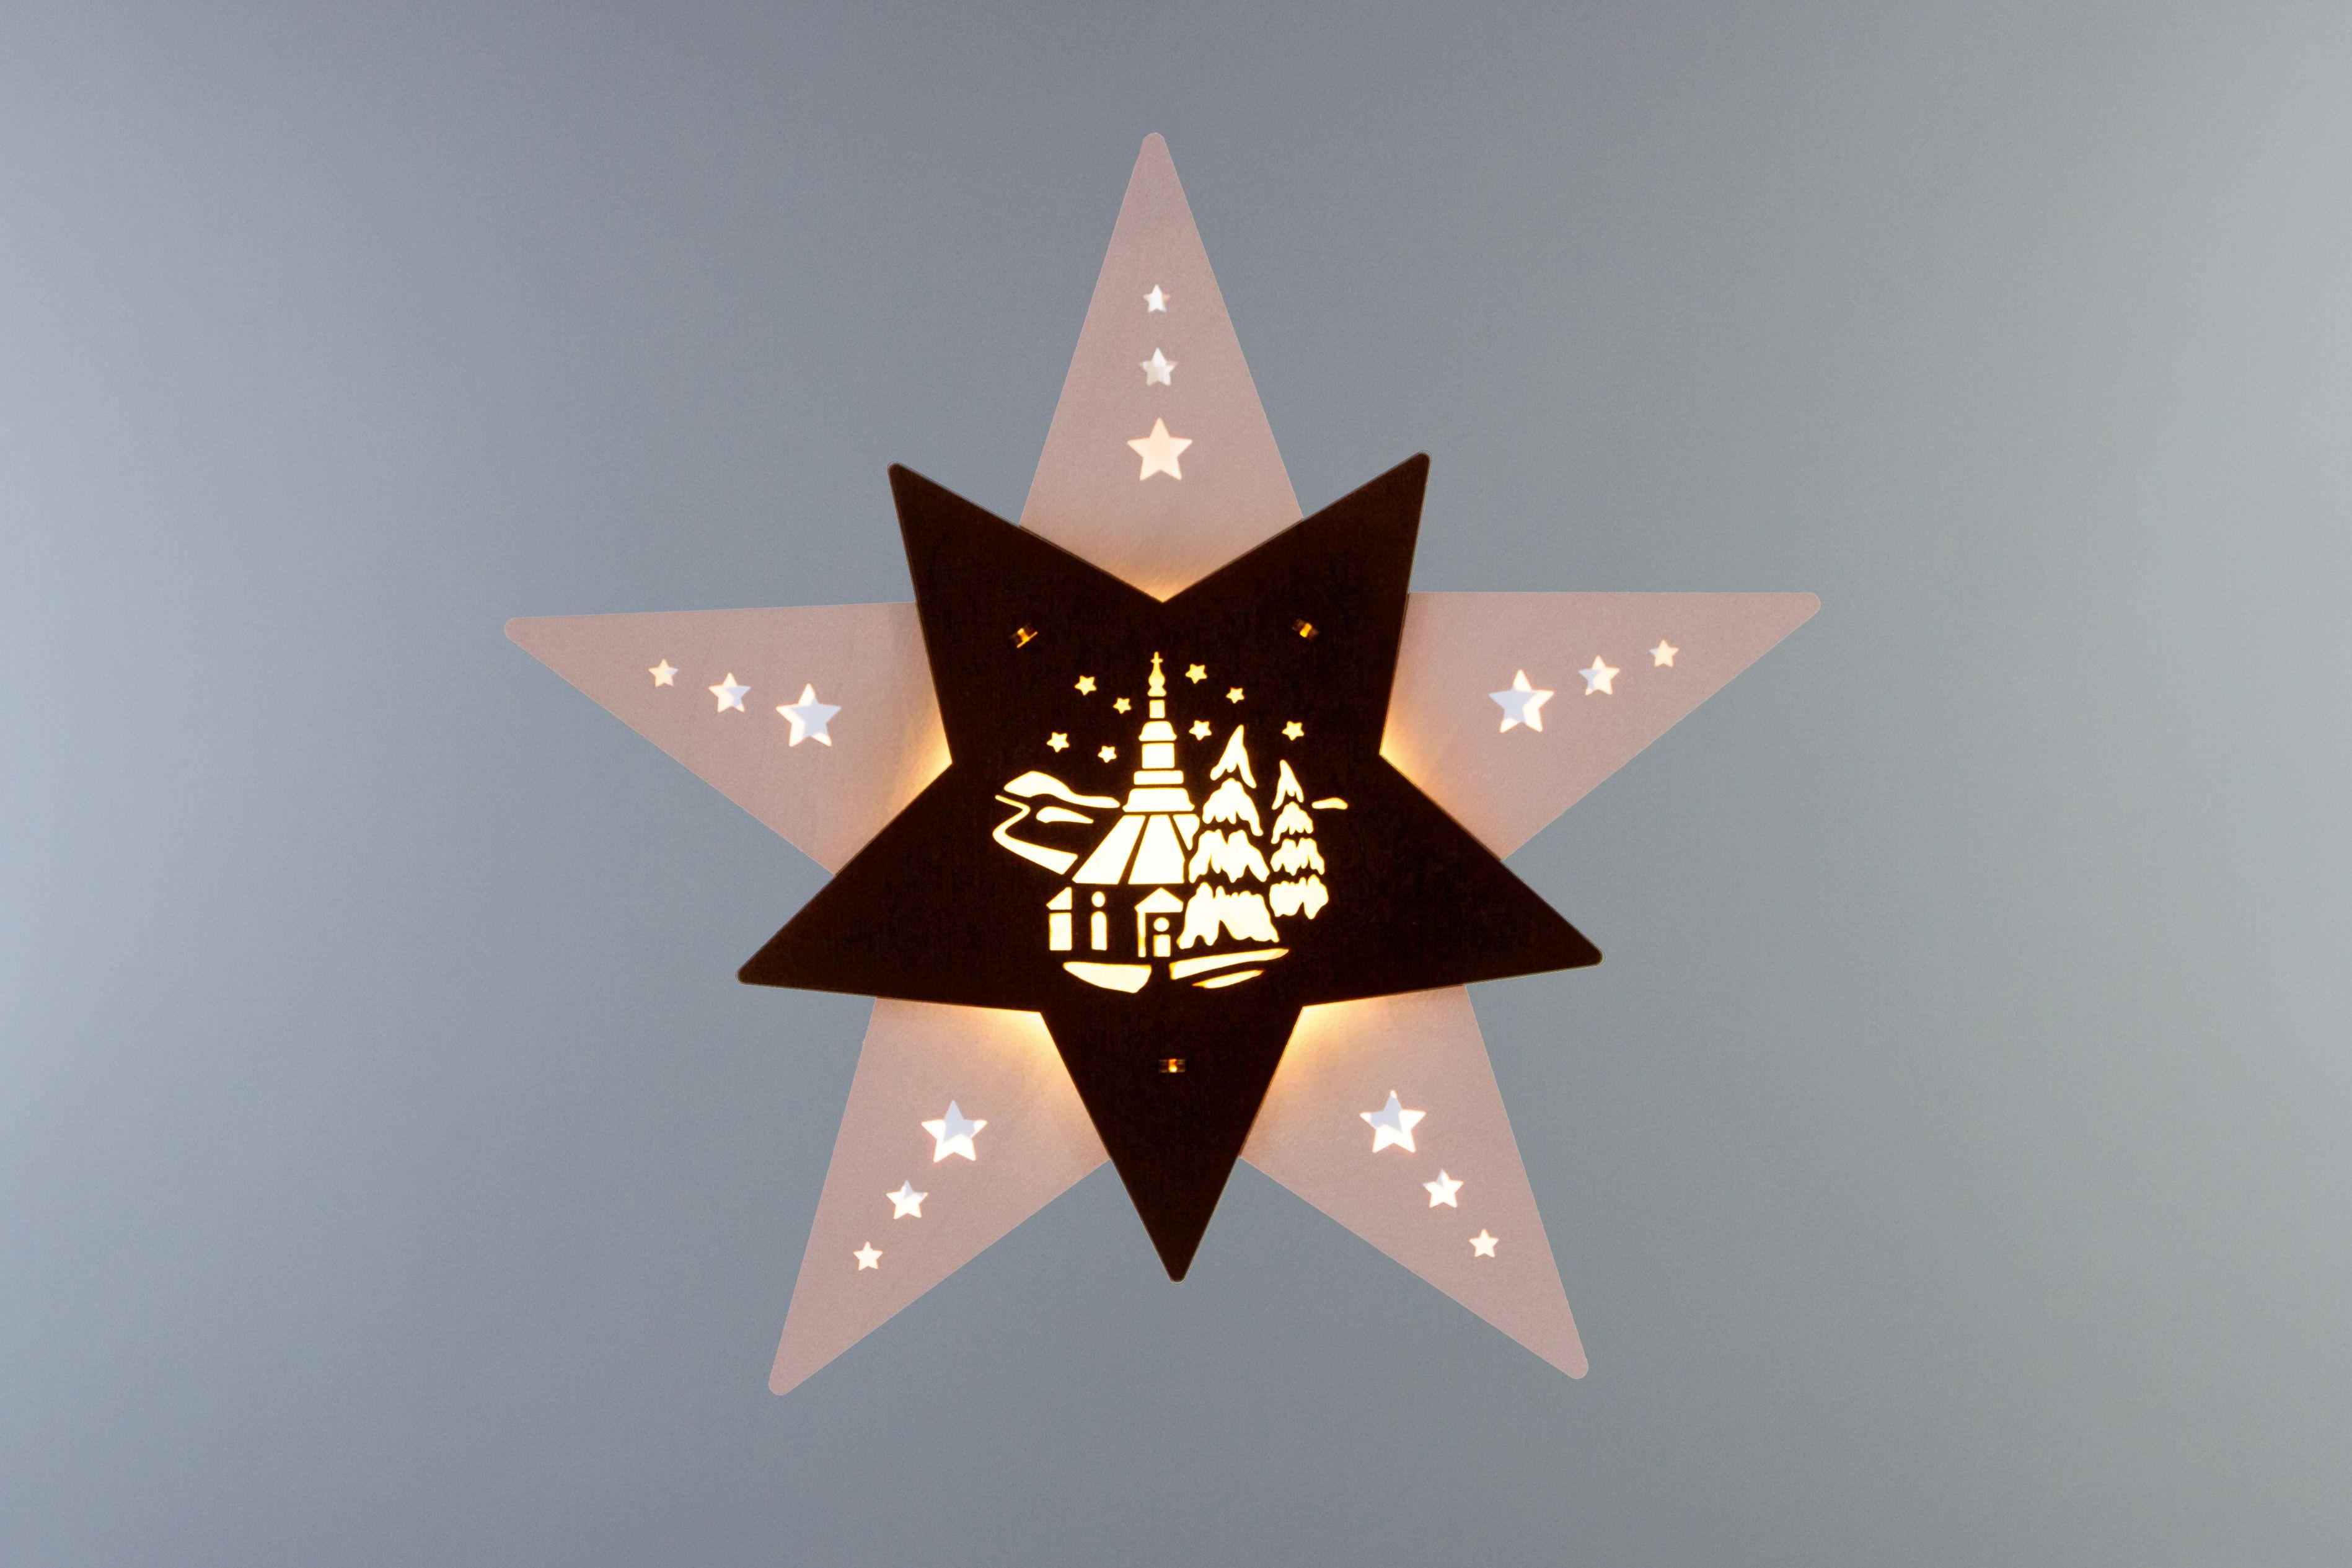 Weihnachtsdeko Seiffen.Fensterbild Stern Seiffener Kirche Weiß Braun Led Beleuchtete